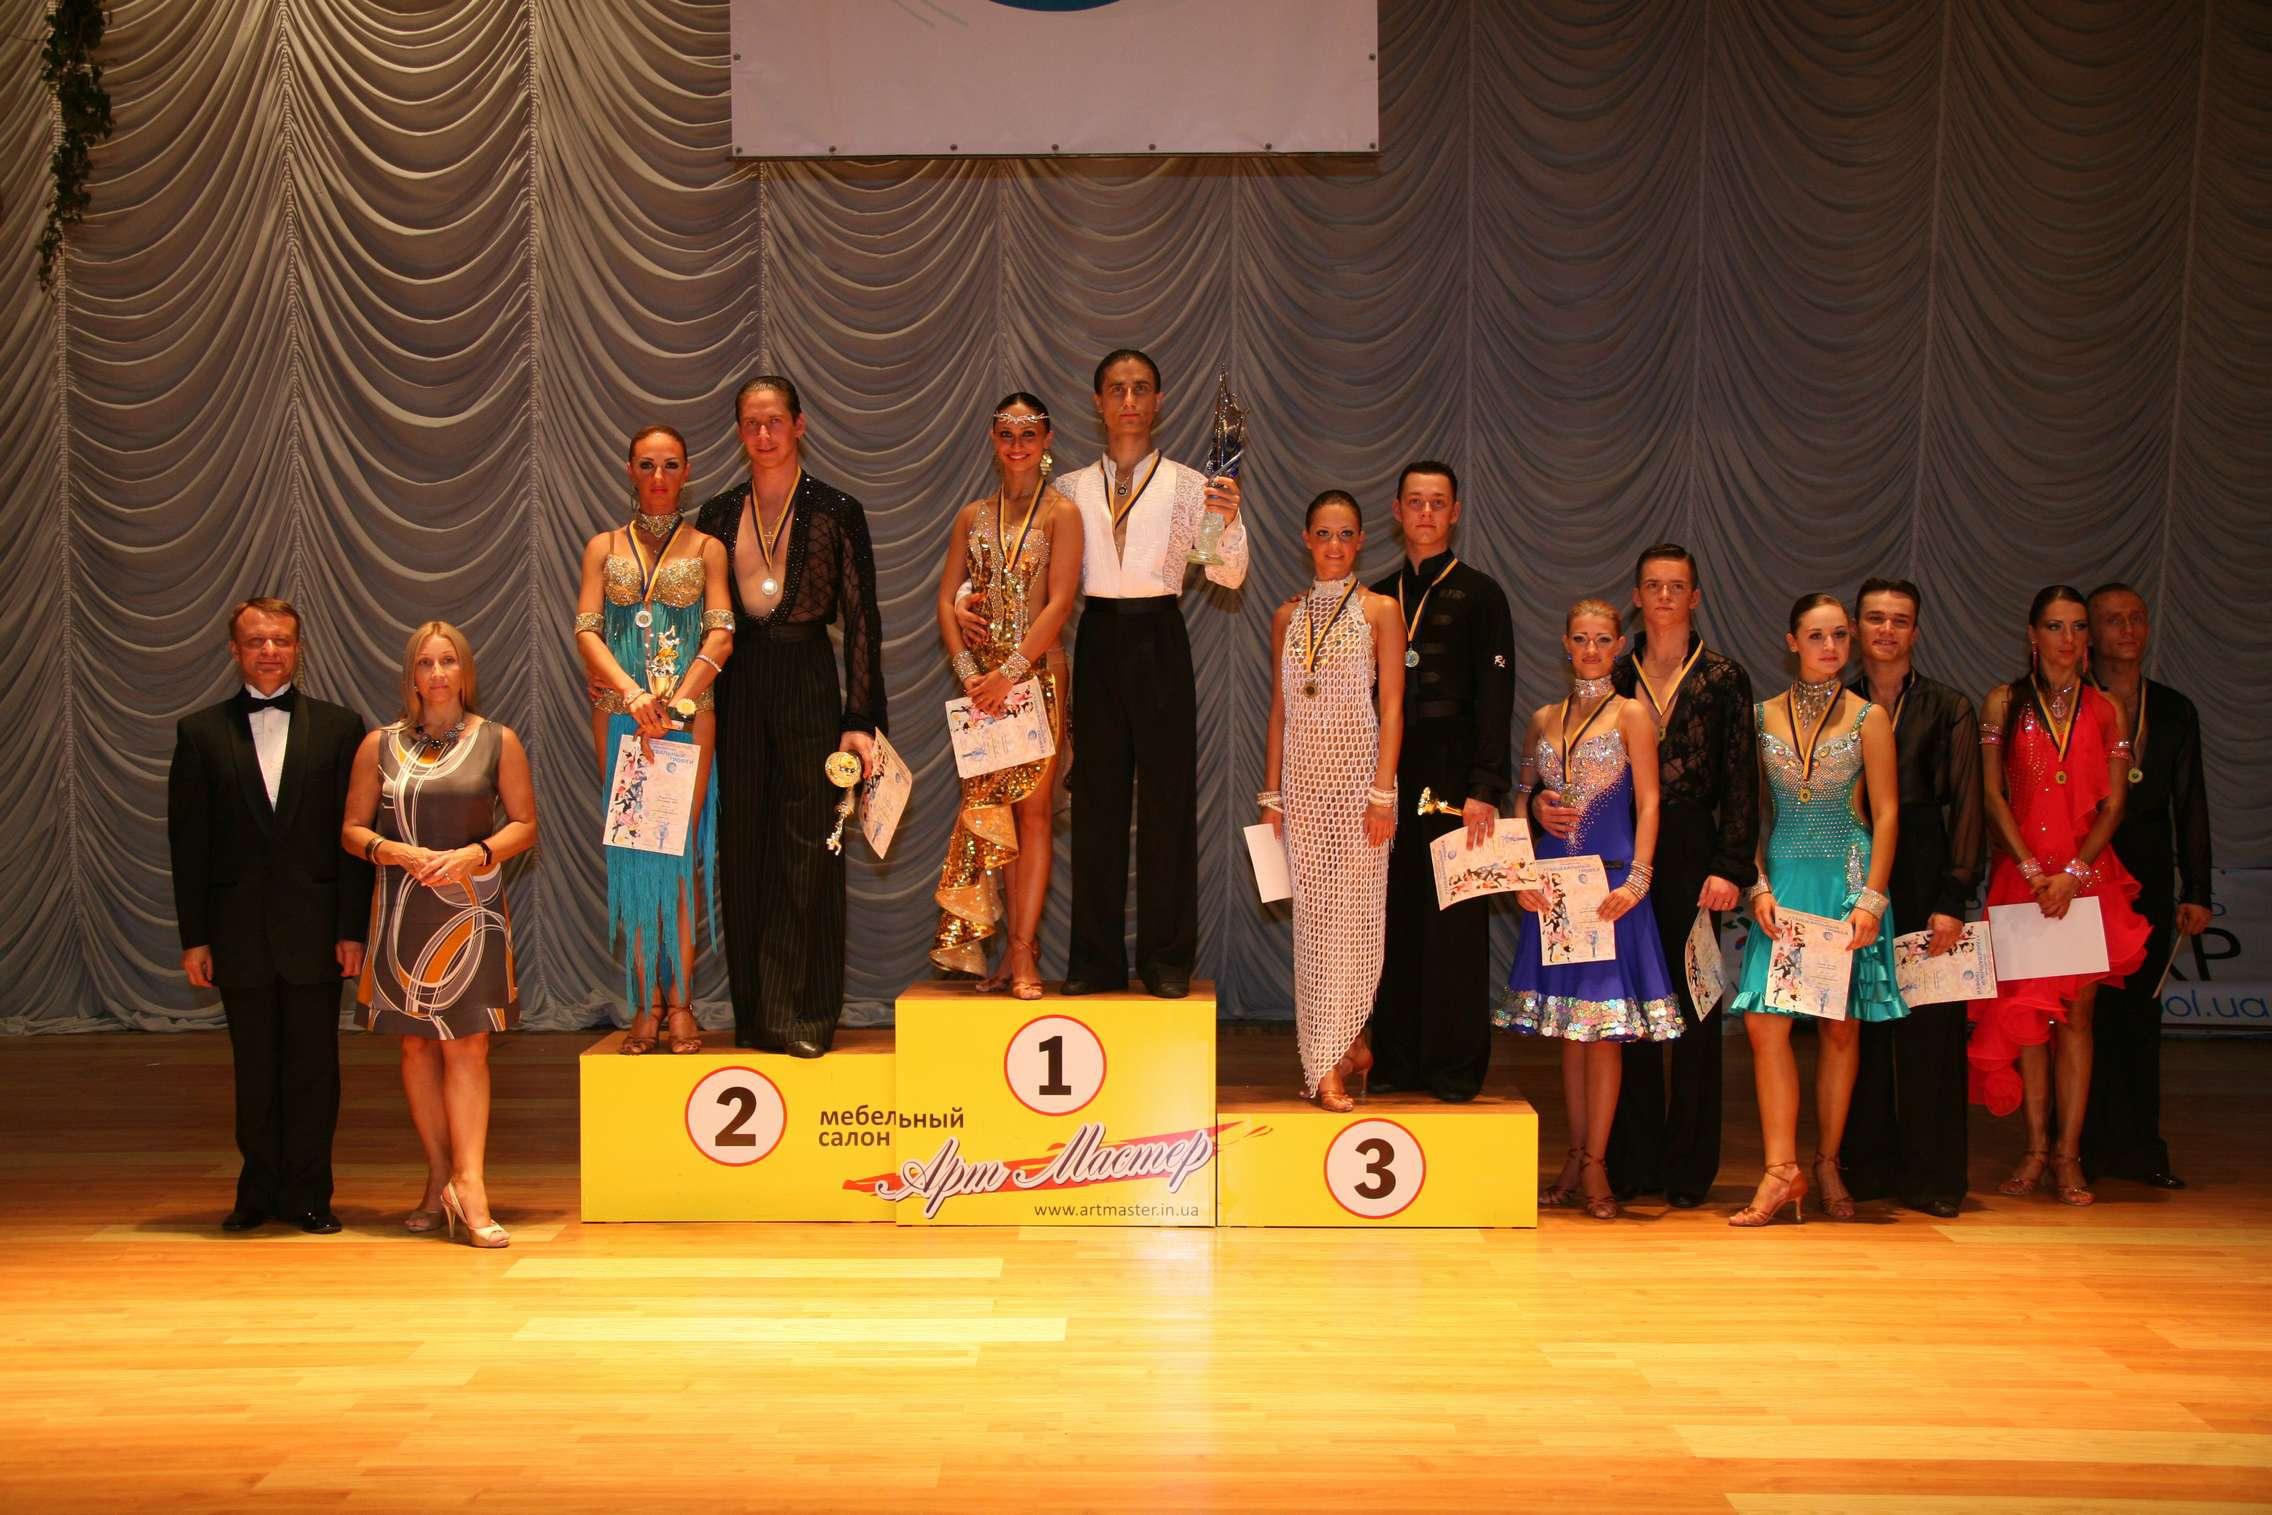 Конкурс бального танца в волгограде